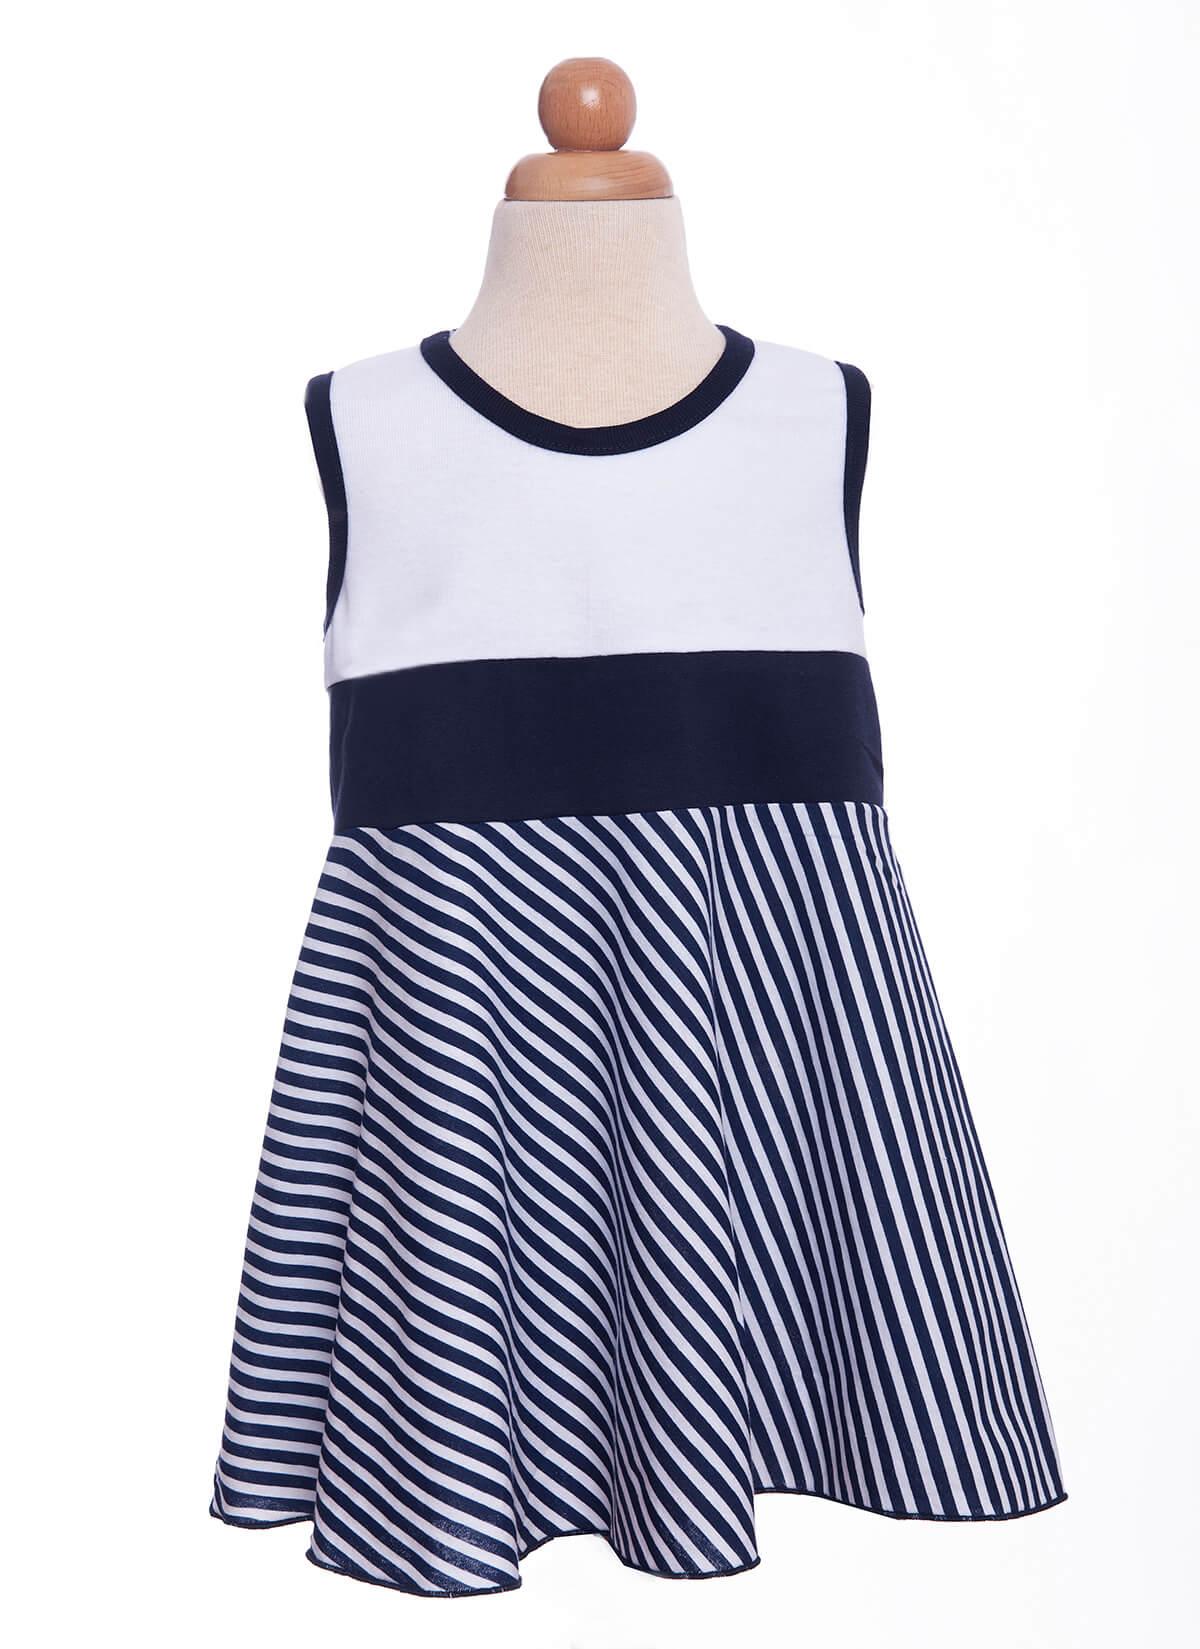 19702c8c355 Παιδικό Φορέμα – NavyStyle